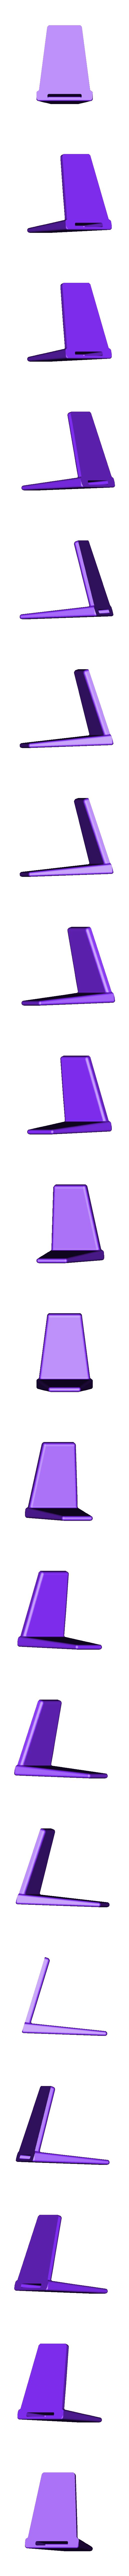 PENholder (3).stl Download STL file MINIMALIST PEN HOLDER • 3D printer object, DenStasis